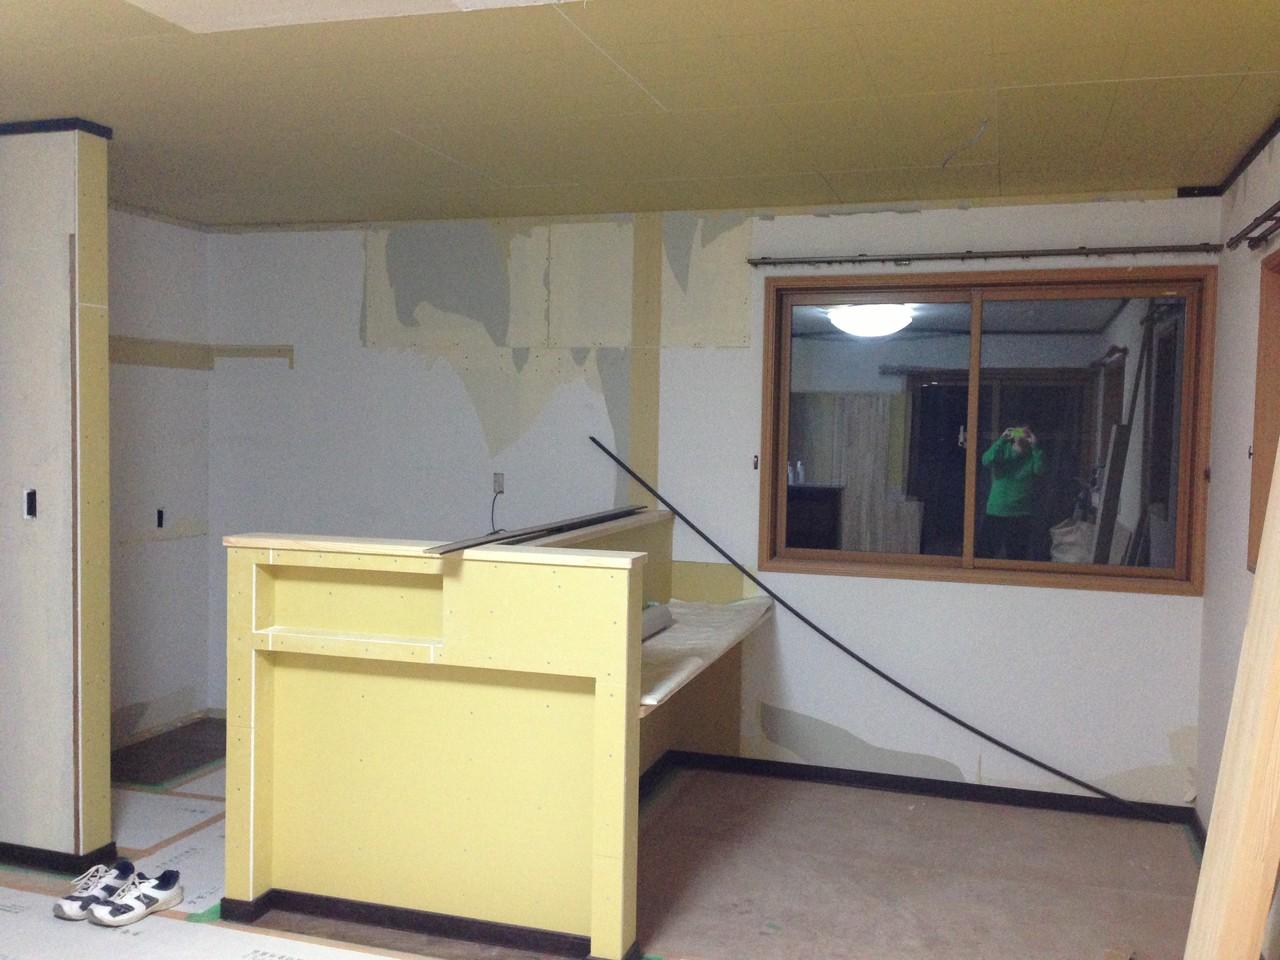 ウォークインクローゼットと書斎だった場所にキッチンをつくります